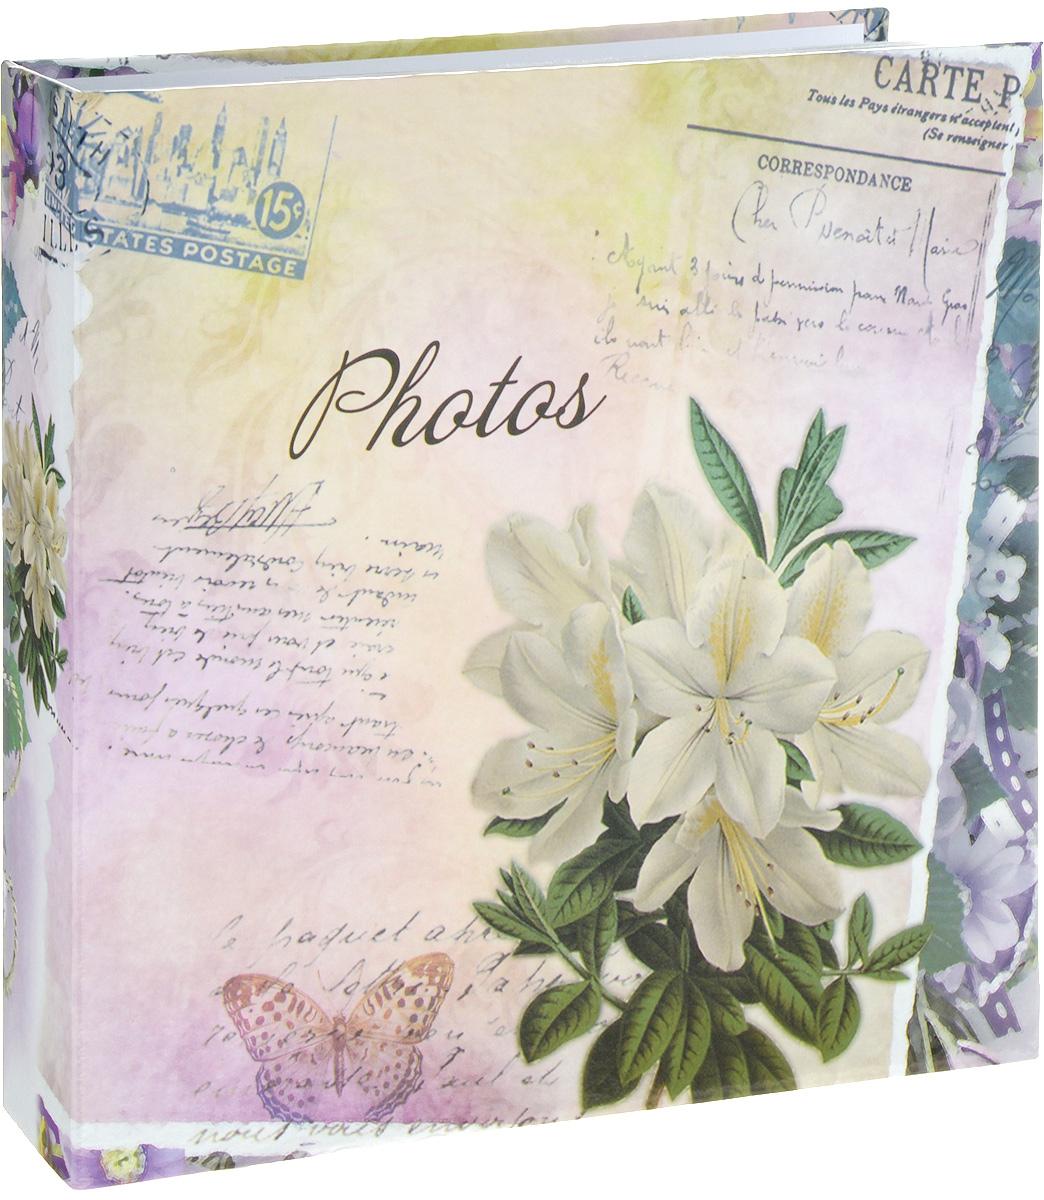 Фотоальбом Platinum Цветочная коллекция - 6, 200 фотографий, цвет: розовый, белый, зеленый, 10 х 15 см22317_белая альстромерия, С-46200LФотоальбом Platinum Цветочная коллекция - 6 поможет красиво оформить ваши фотографии. Обложка выполнена из толстого картона и декорирована красочным рисунком. Внутри содержится блок из 50 листов с фиксаторами-окошками из полипропилена. Альбом рассчитан на 200 фотографий формата 10 х 15 см (по 2 фотографии на странице). Переплет - книжный. Нам всегда так приятно вспоминать о самых счастливых моментах жизни, запечатленных на фотографиях. Поэтому фотоальбом является универсальным подарком к любому празднику. Количество листов: 50.